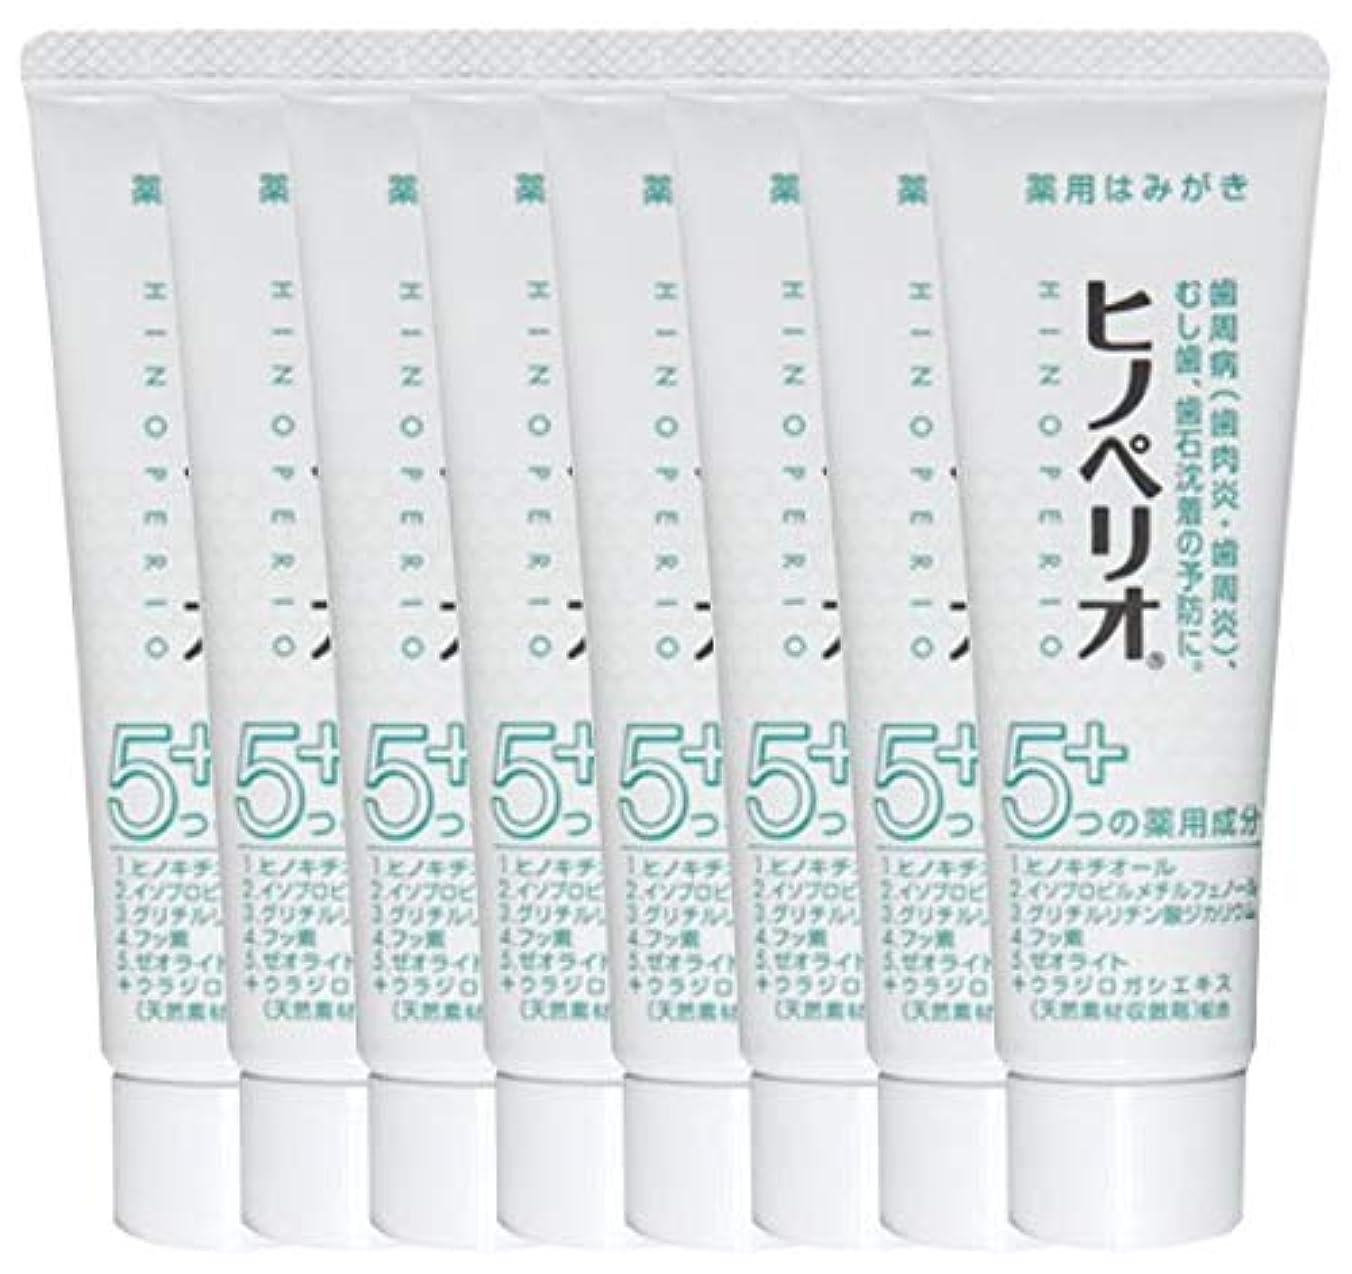 インレイ友だち他に昭和薬品 ヒノペリオ60g 医薬部外品 × 8本